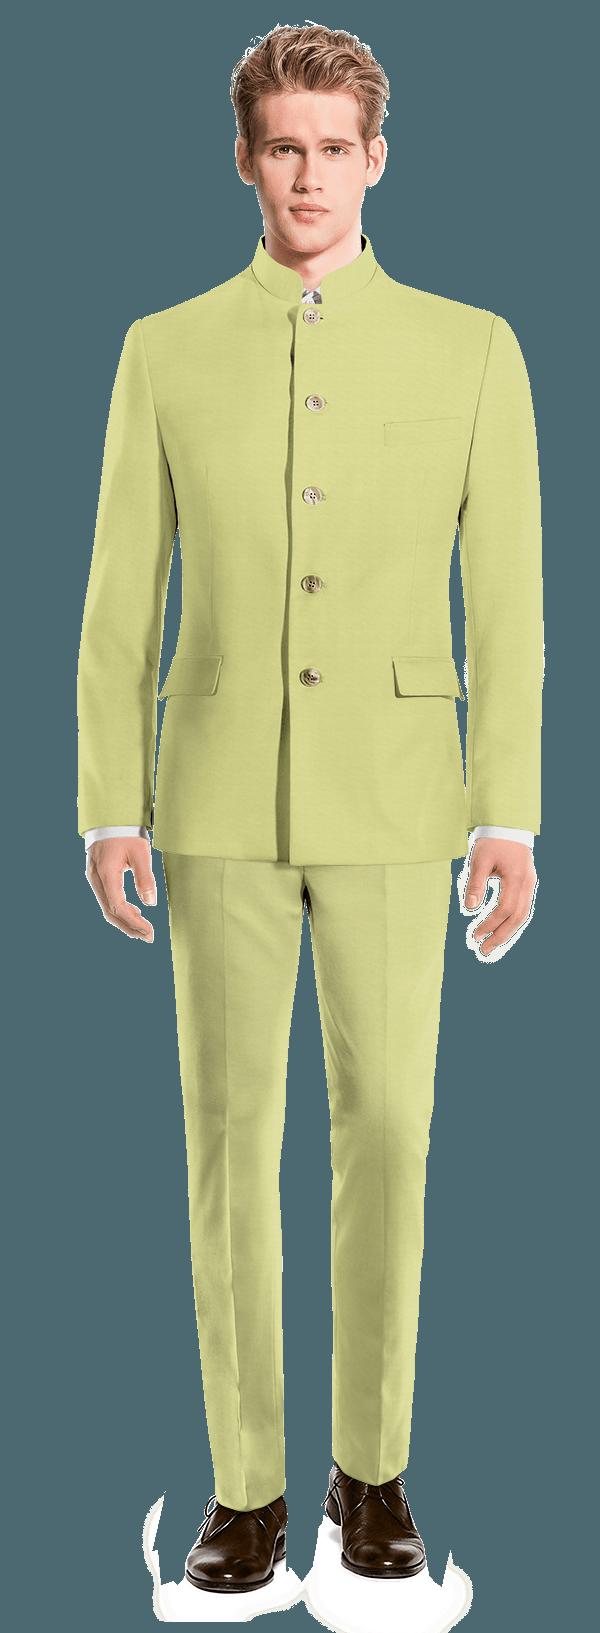 зеленый твидовый Костюм Mao